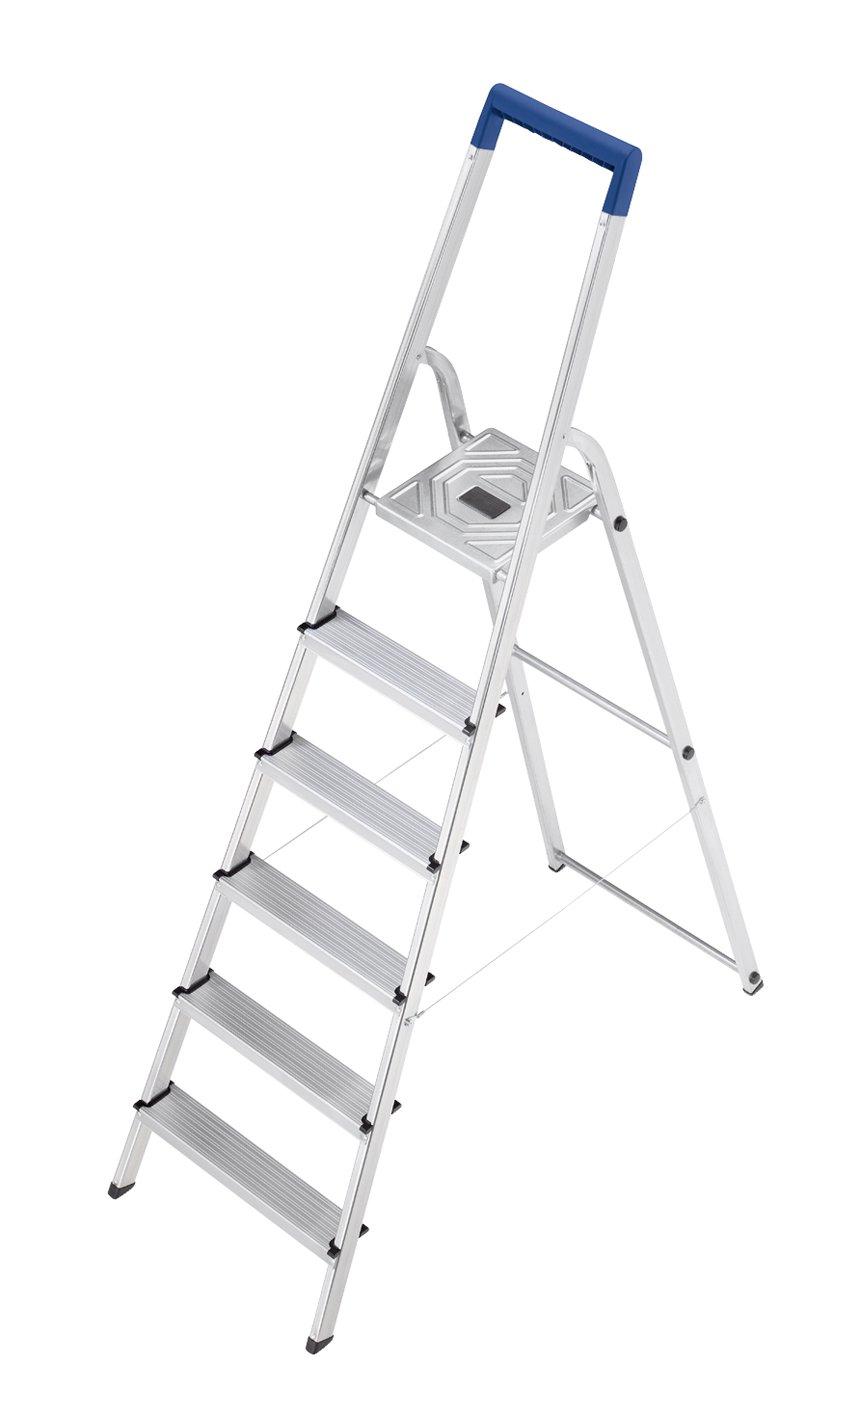 Hailo 8120-601 L20 150 kg Capacity Aluminium Stepladder (6 Steps)